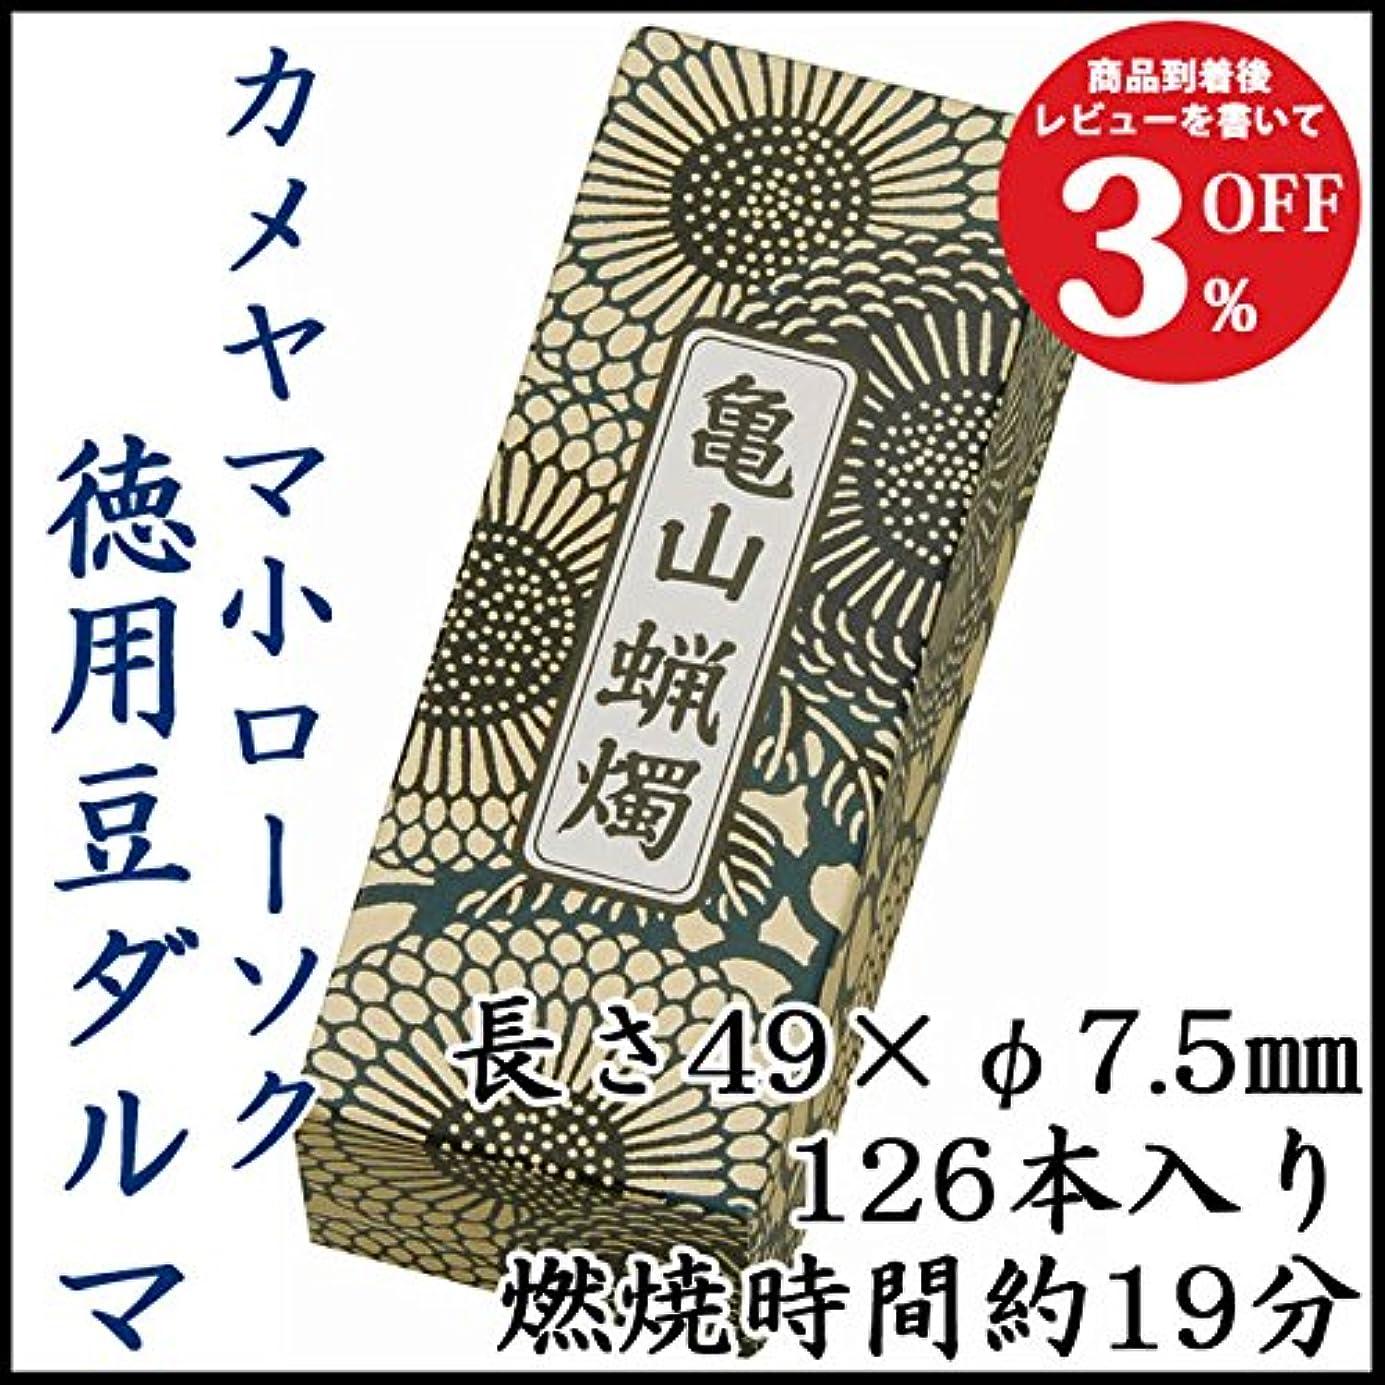 多様性ビート賞賛カメヤマ小ローソク 徳用豆ダルマA#151 225g